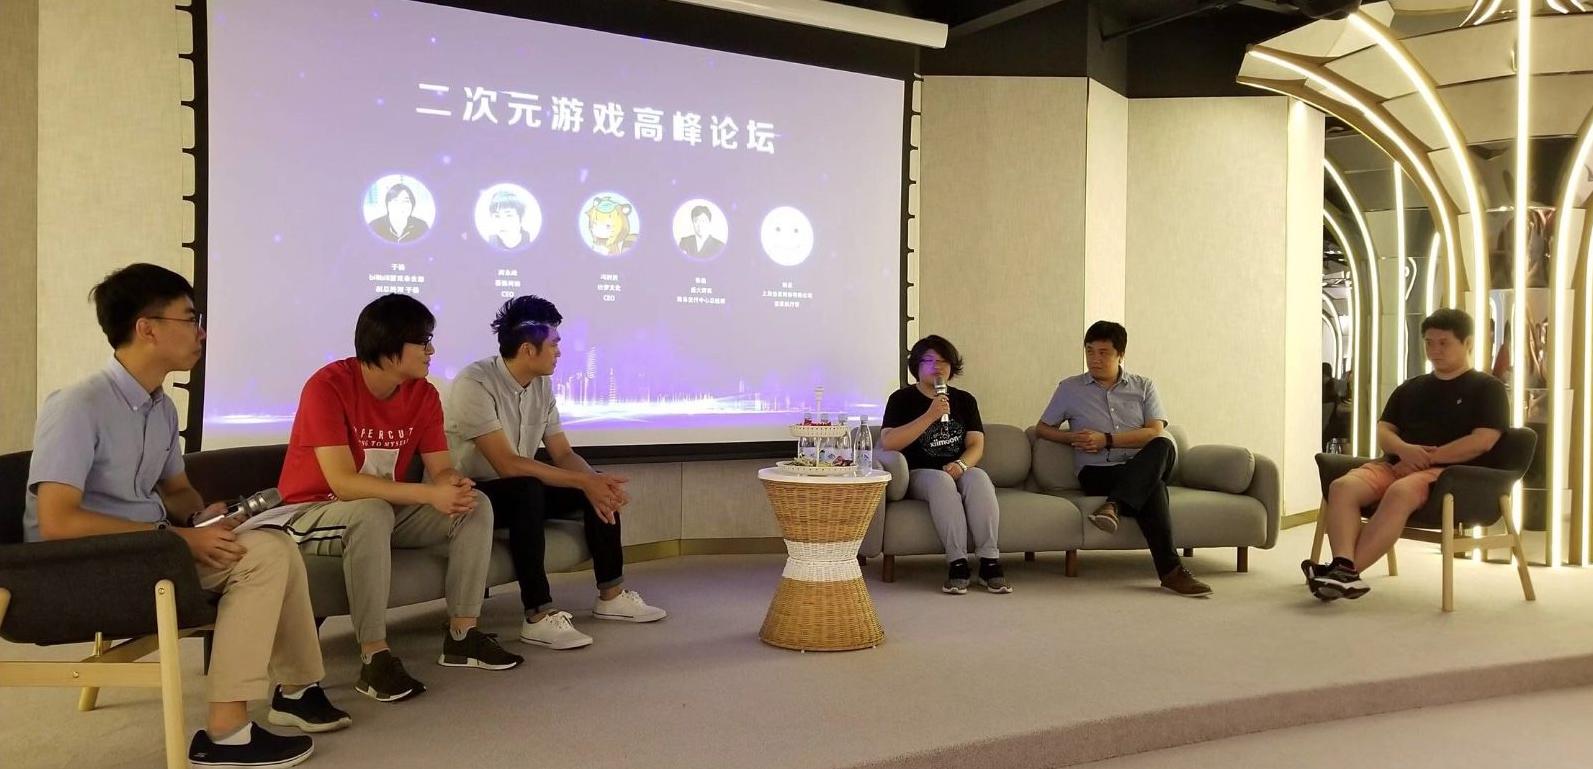 二次元游戏高峰论坛大佬对话:二次元游戏的未来之路